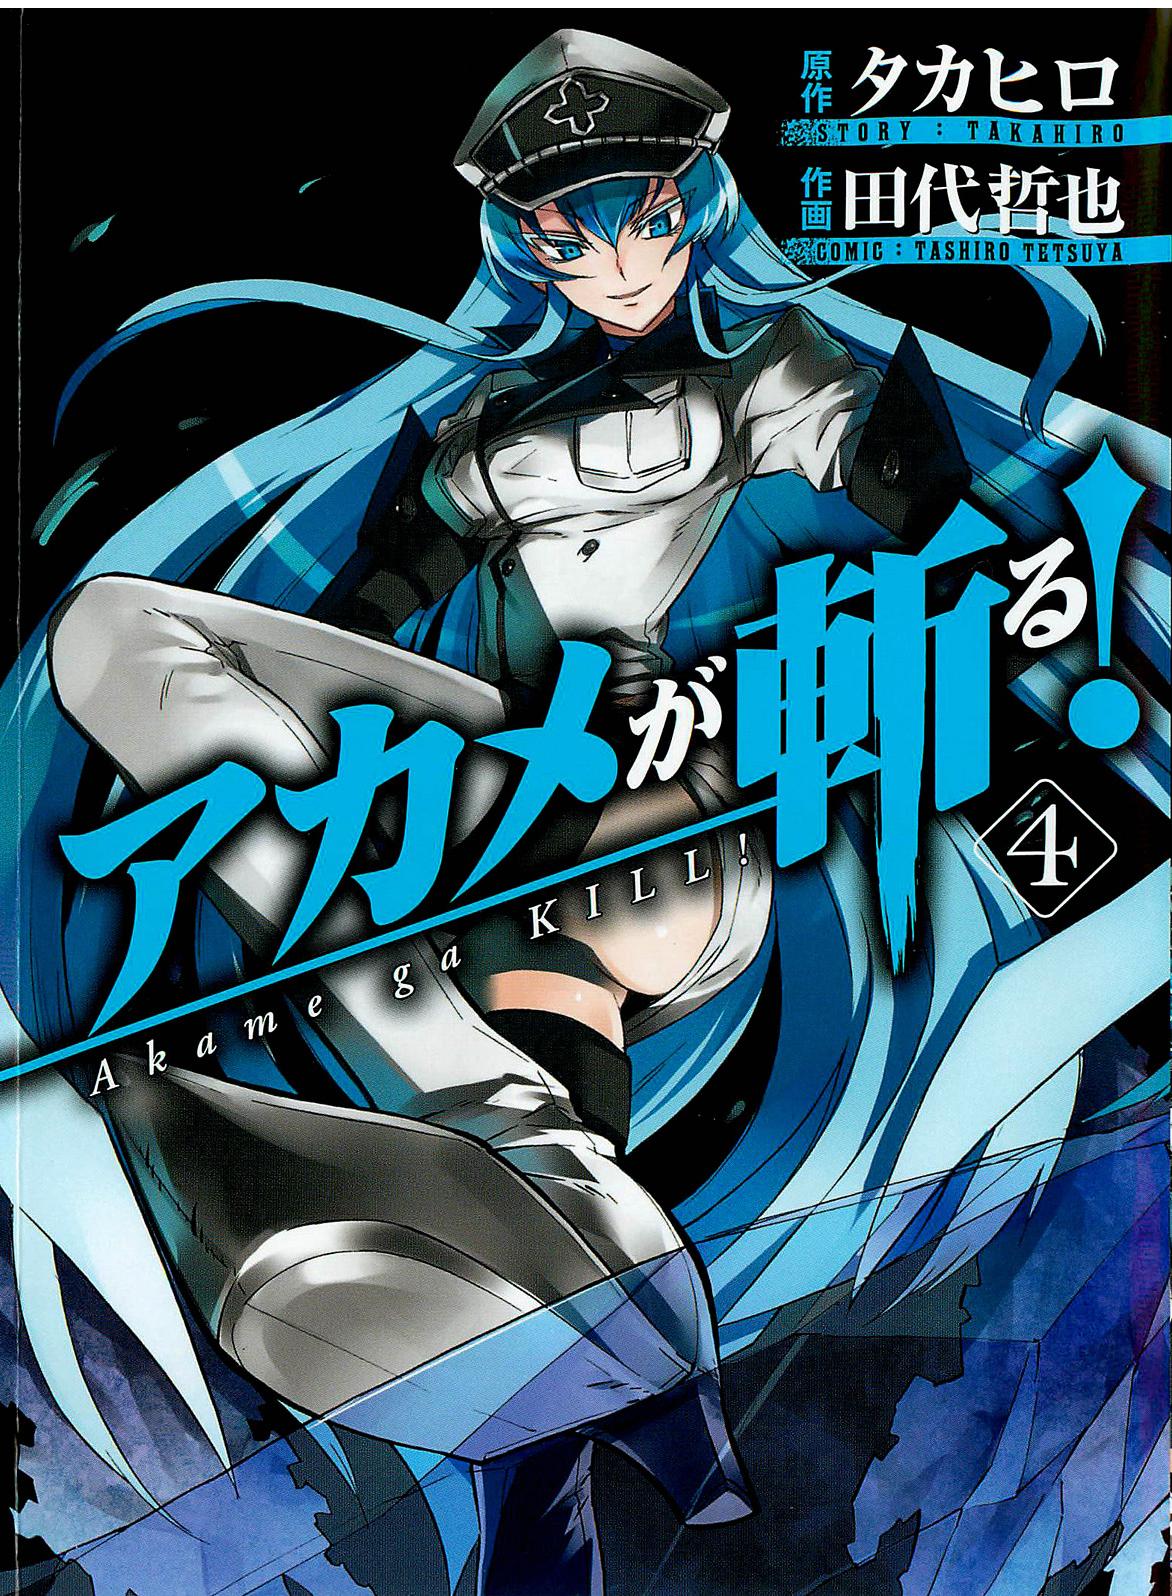 Akame Ga Kill! (Manga) | Akame Ga Kill! Wiki | FANDOM ...